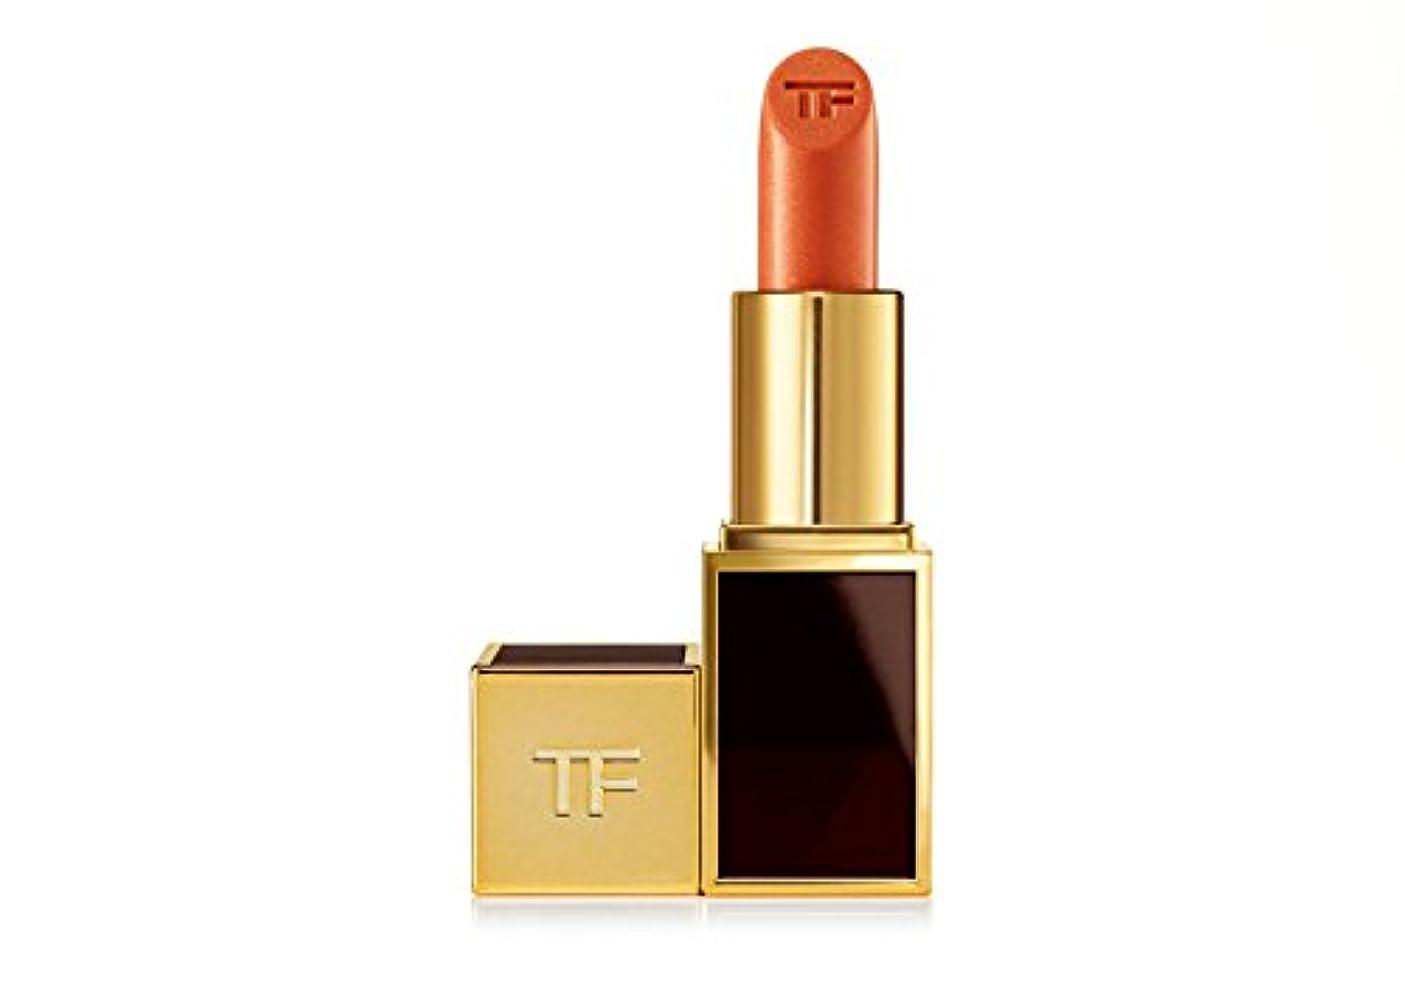 優先軽食文明化するトムフォード リップス アンド ボーイズ 7 コーラル リップカラー 口紅 Tom Ford Lipstick 7 CORALS Lip Color Lips and Boys (#64 Hiro ヒロ) [並行輸入品]